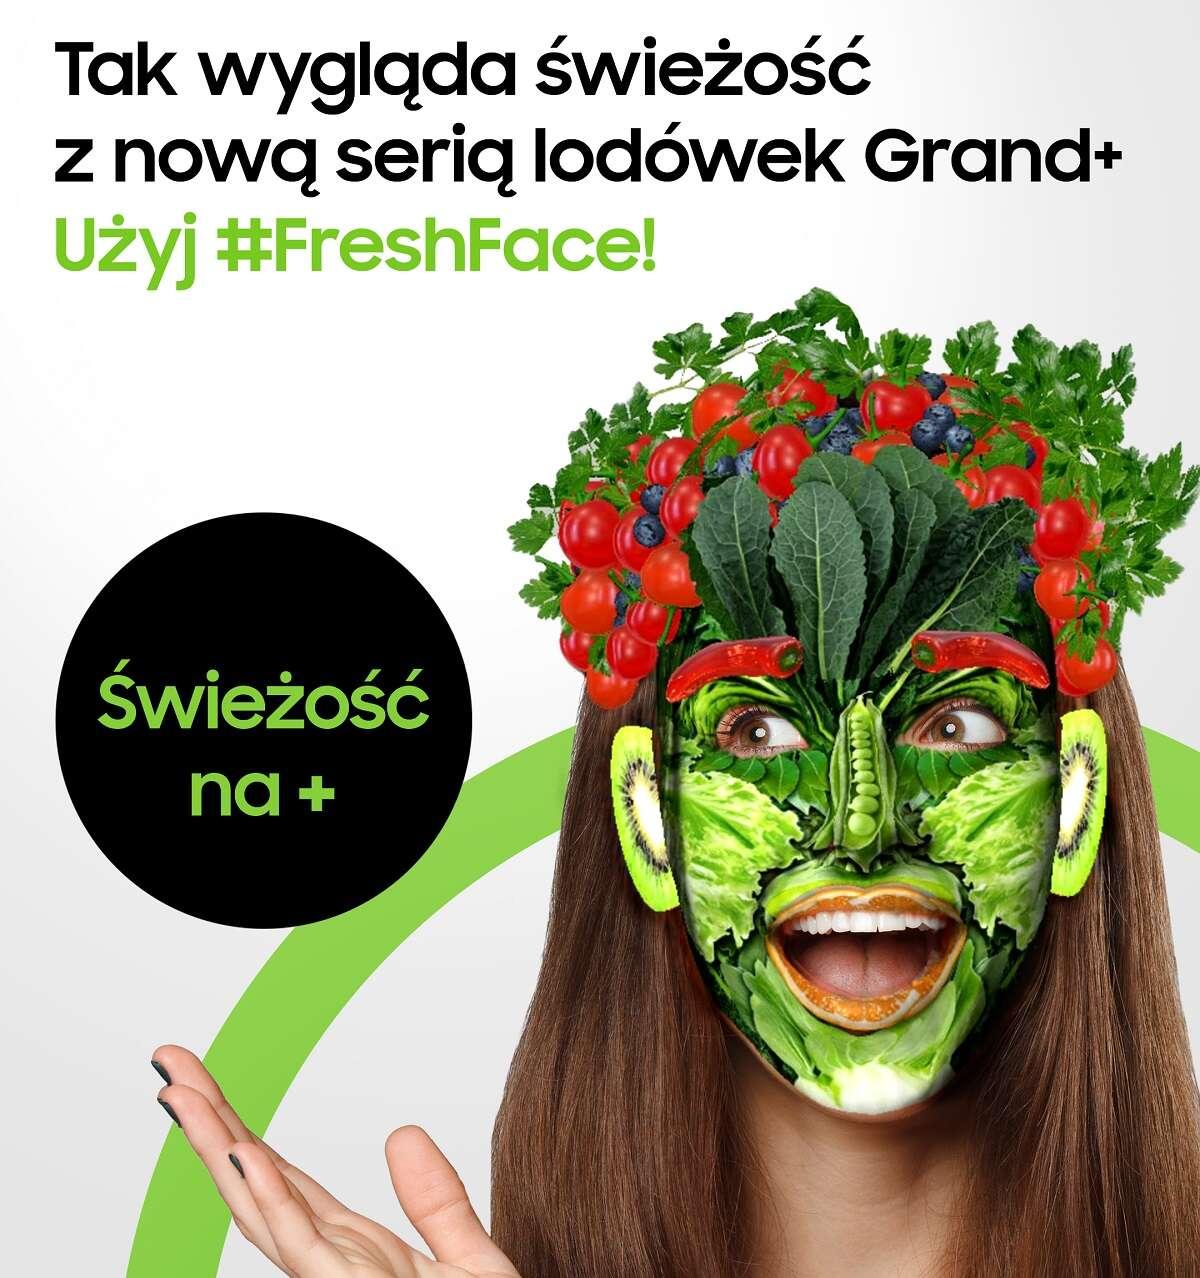 Samsung #FreshFace czyli zrób selfie i zmień się w warzywo